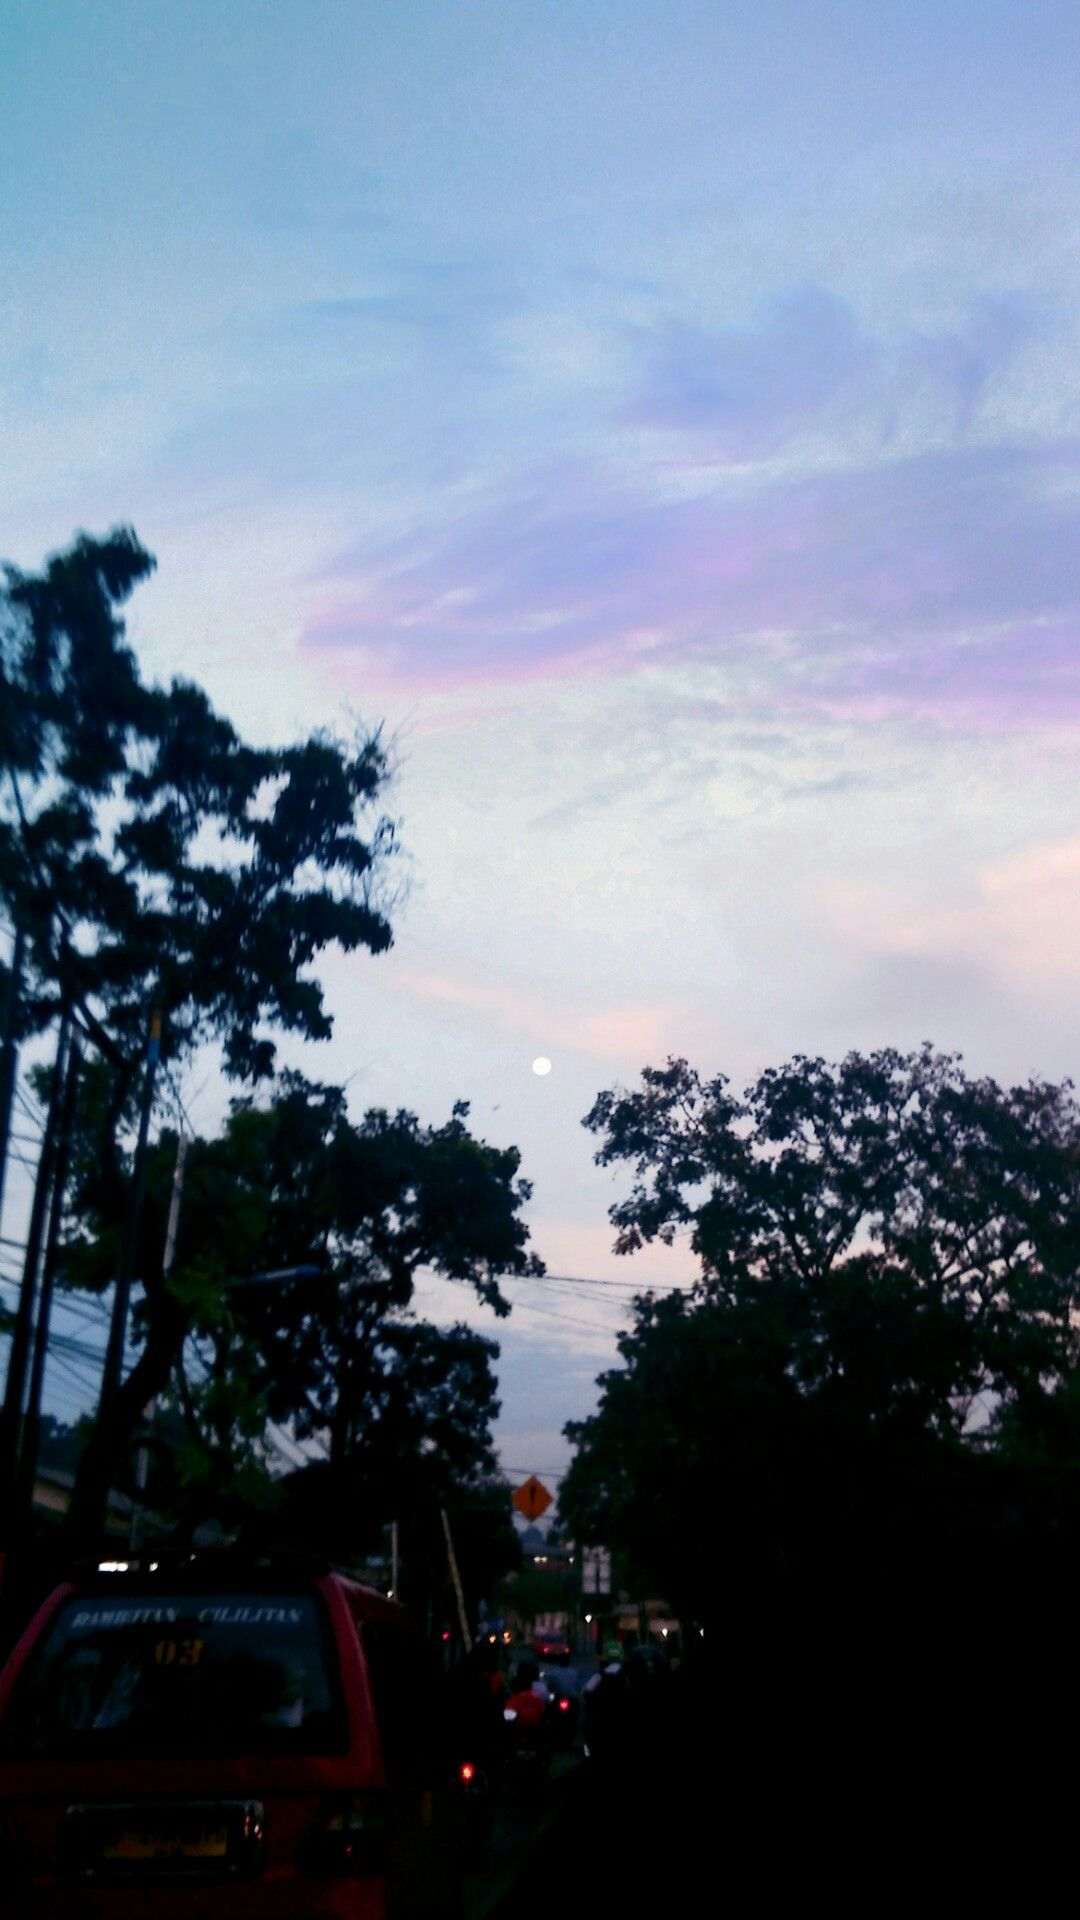 Langit sedang berseri, maka ceritakan lah tentang mu hari